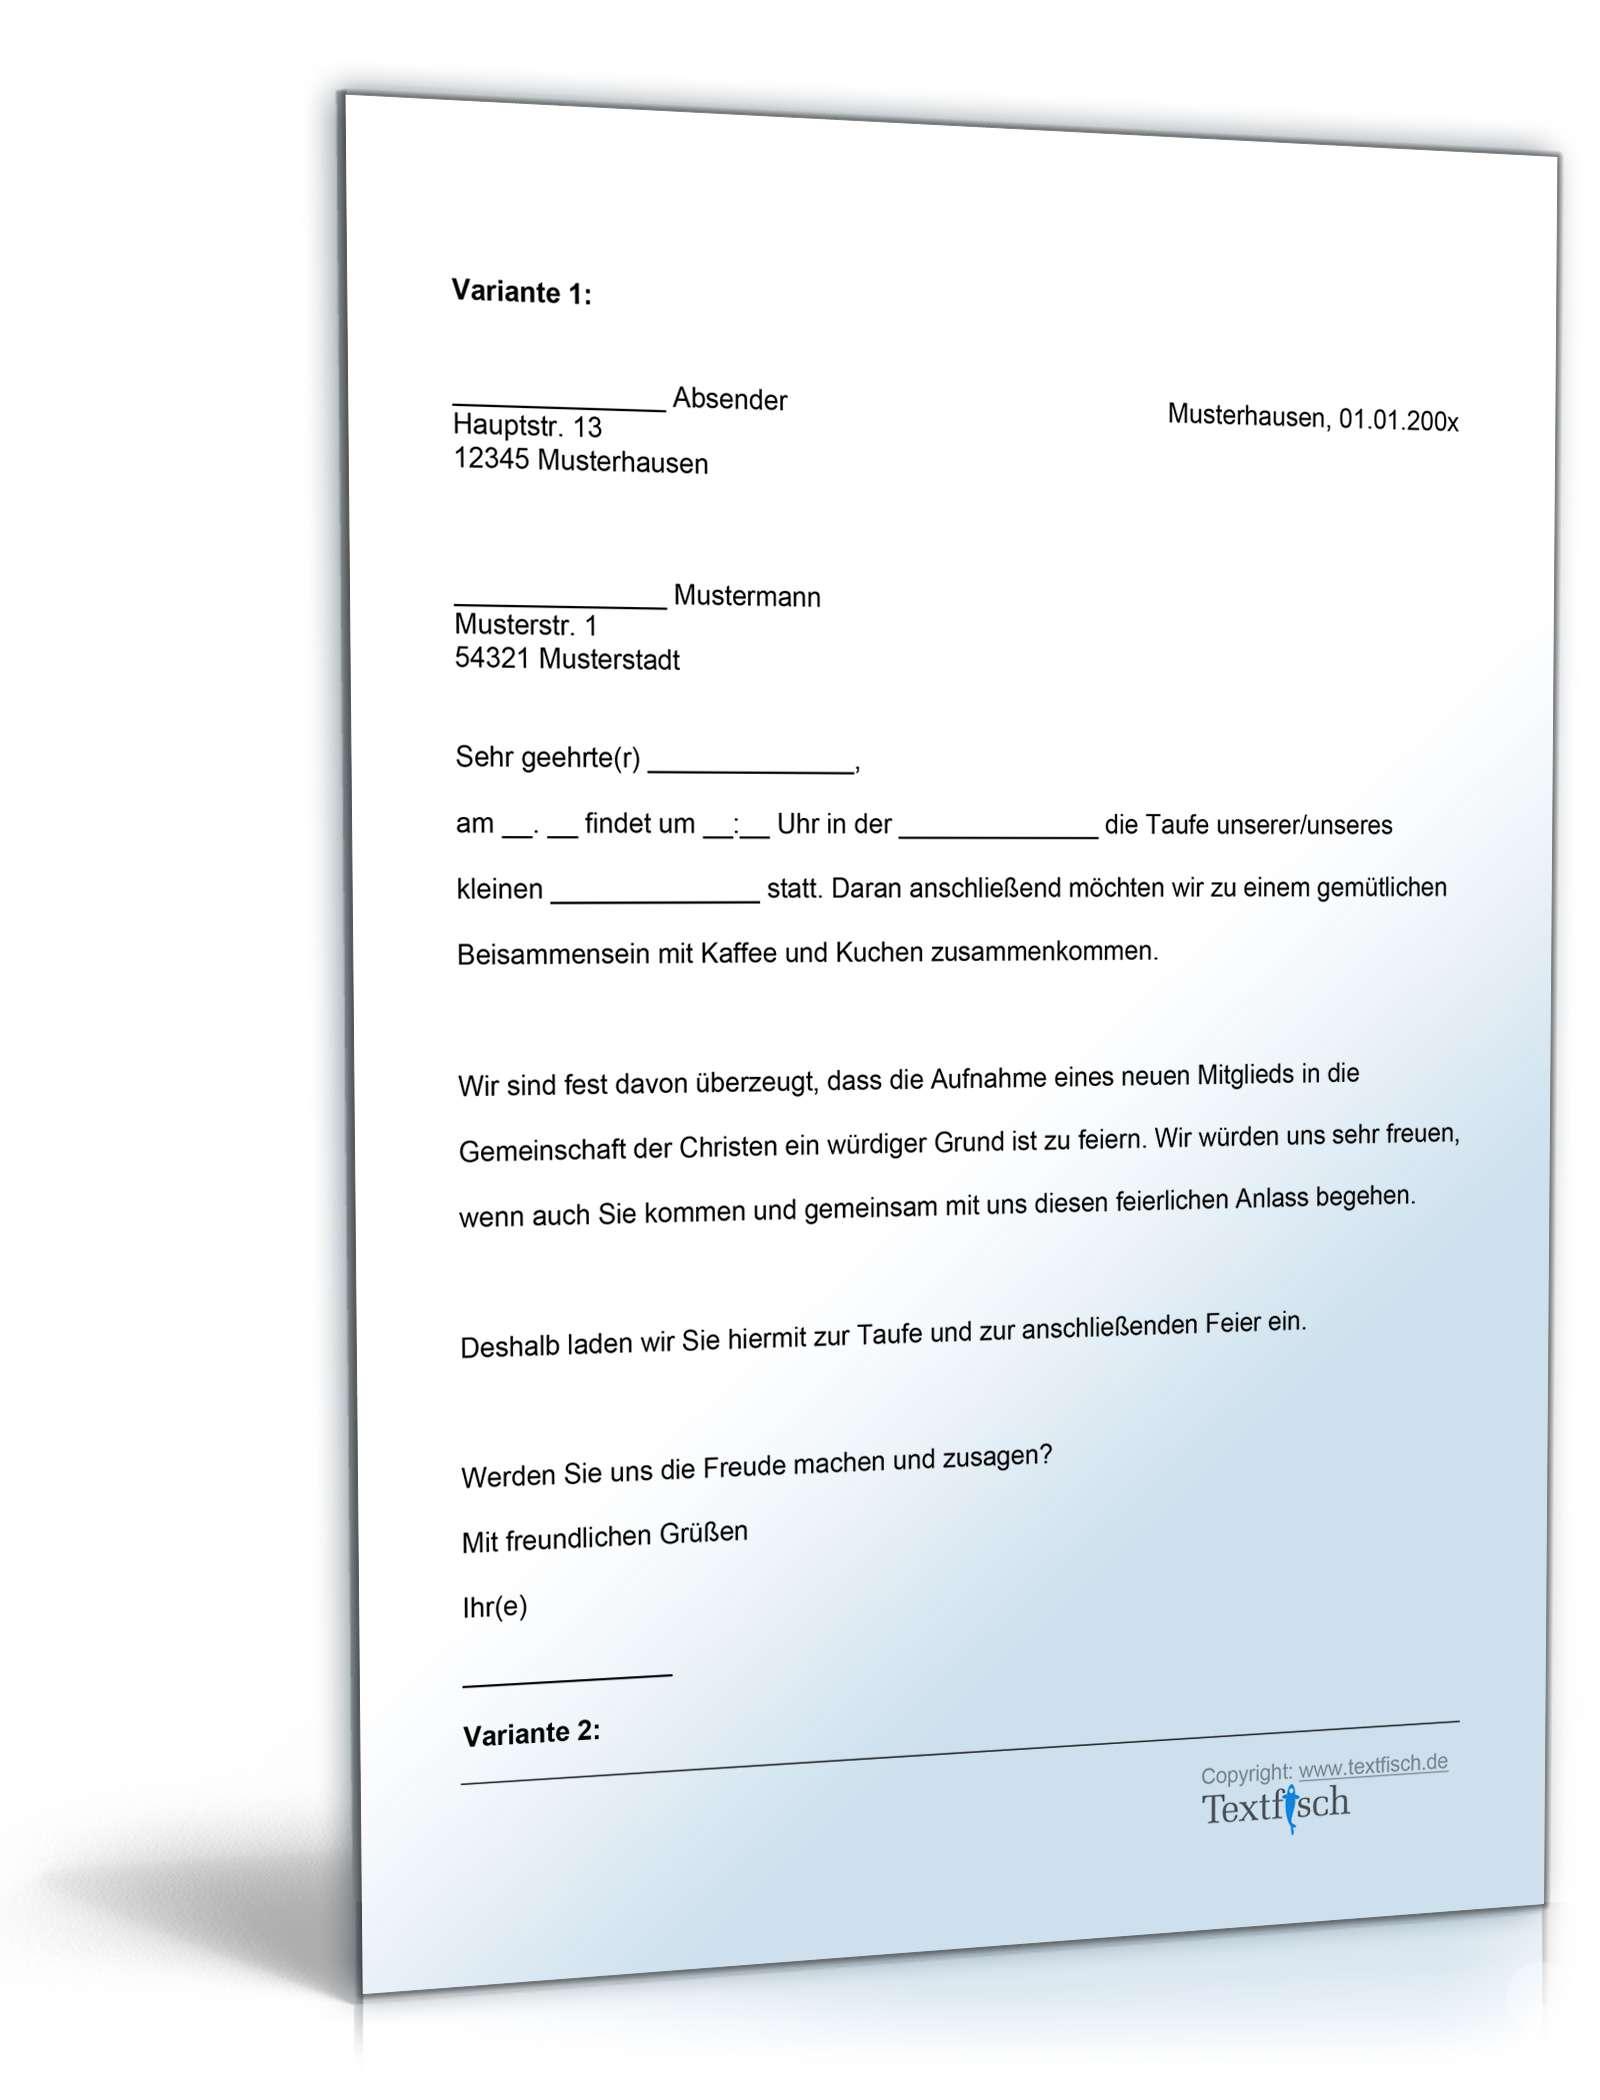 russland visum einladung formular, Einladung